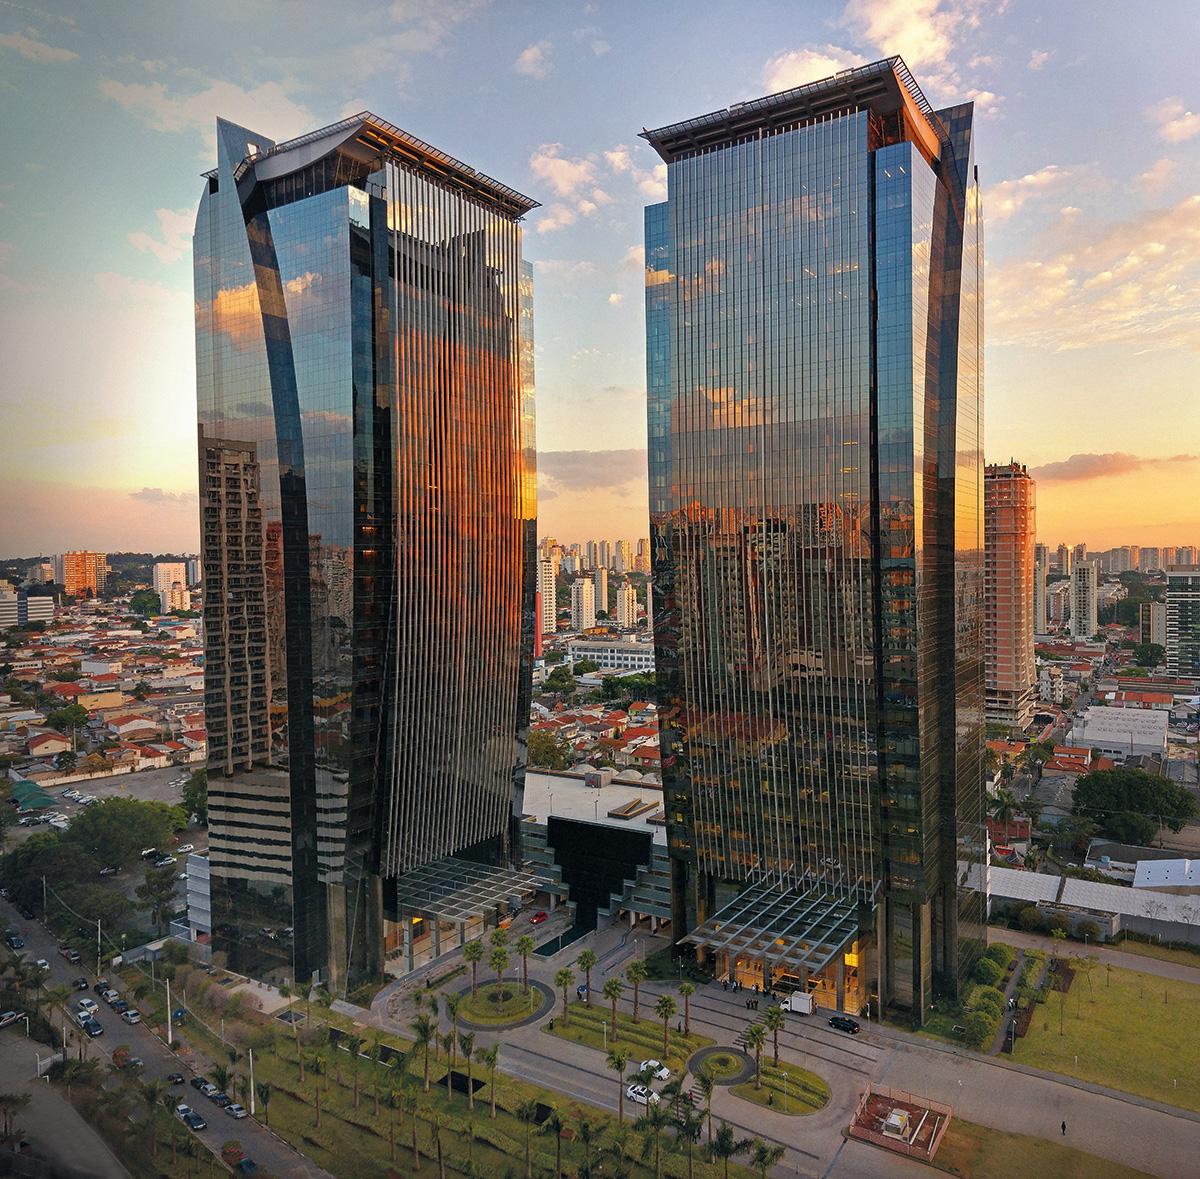 EZ Towers